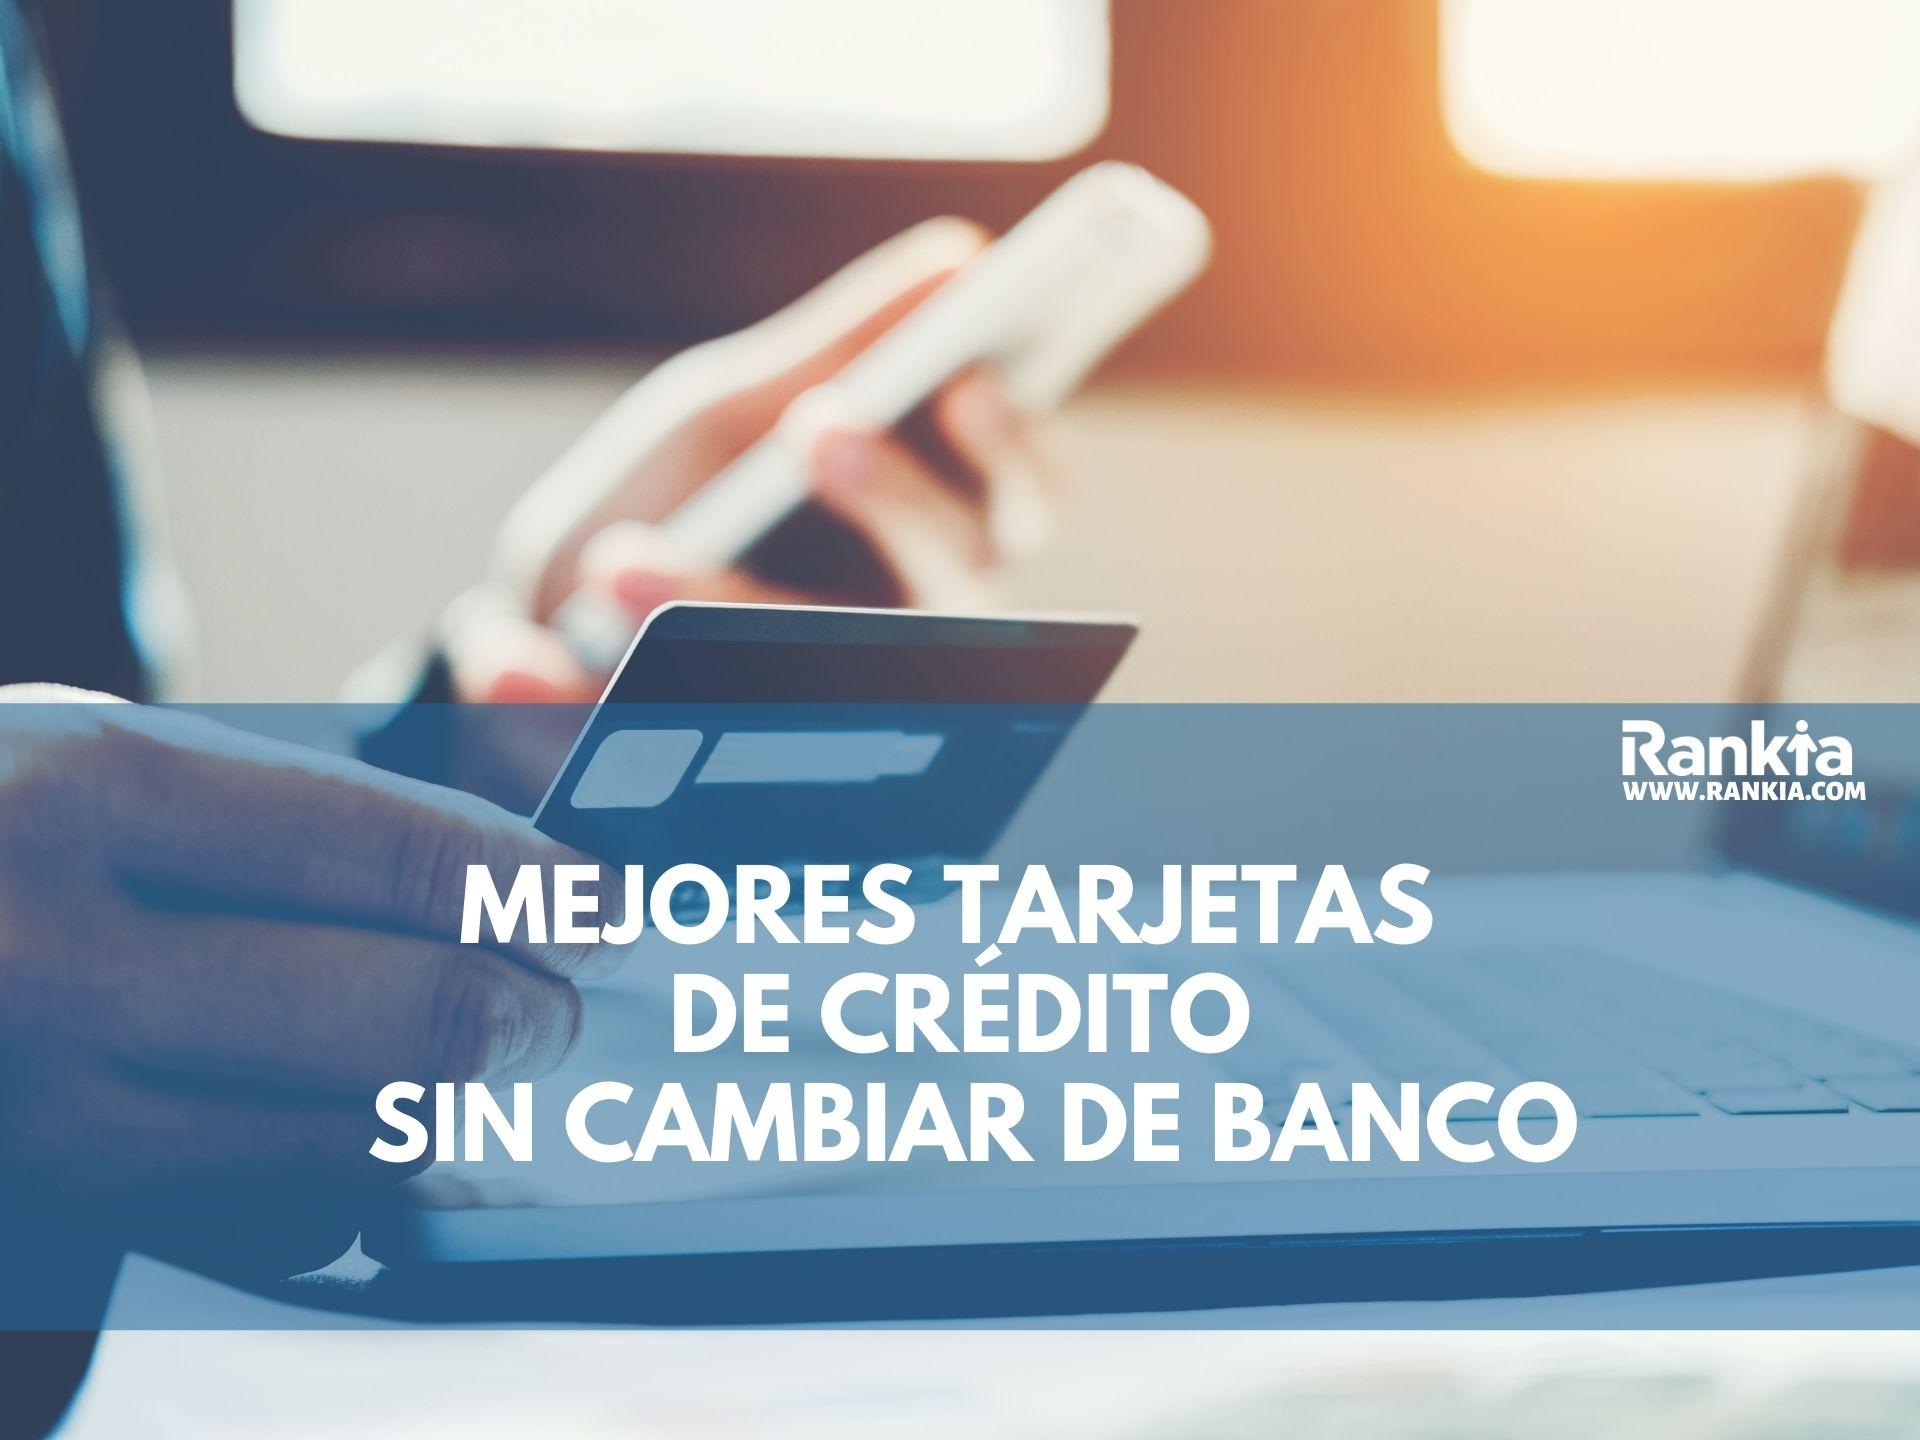 Mejores tarjetas de crédito sin cambiar de banco 2021